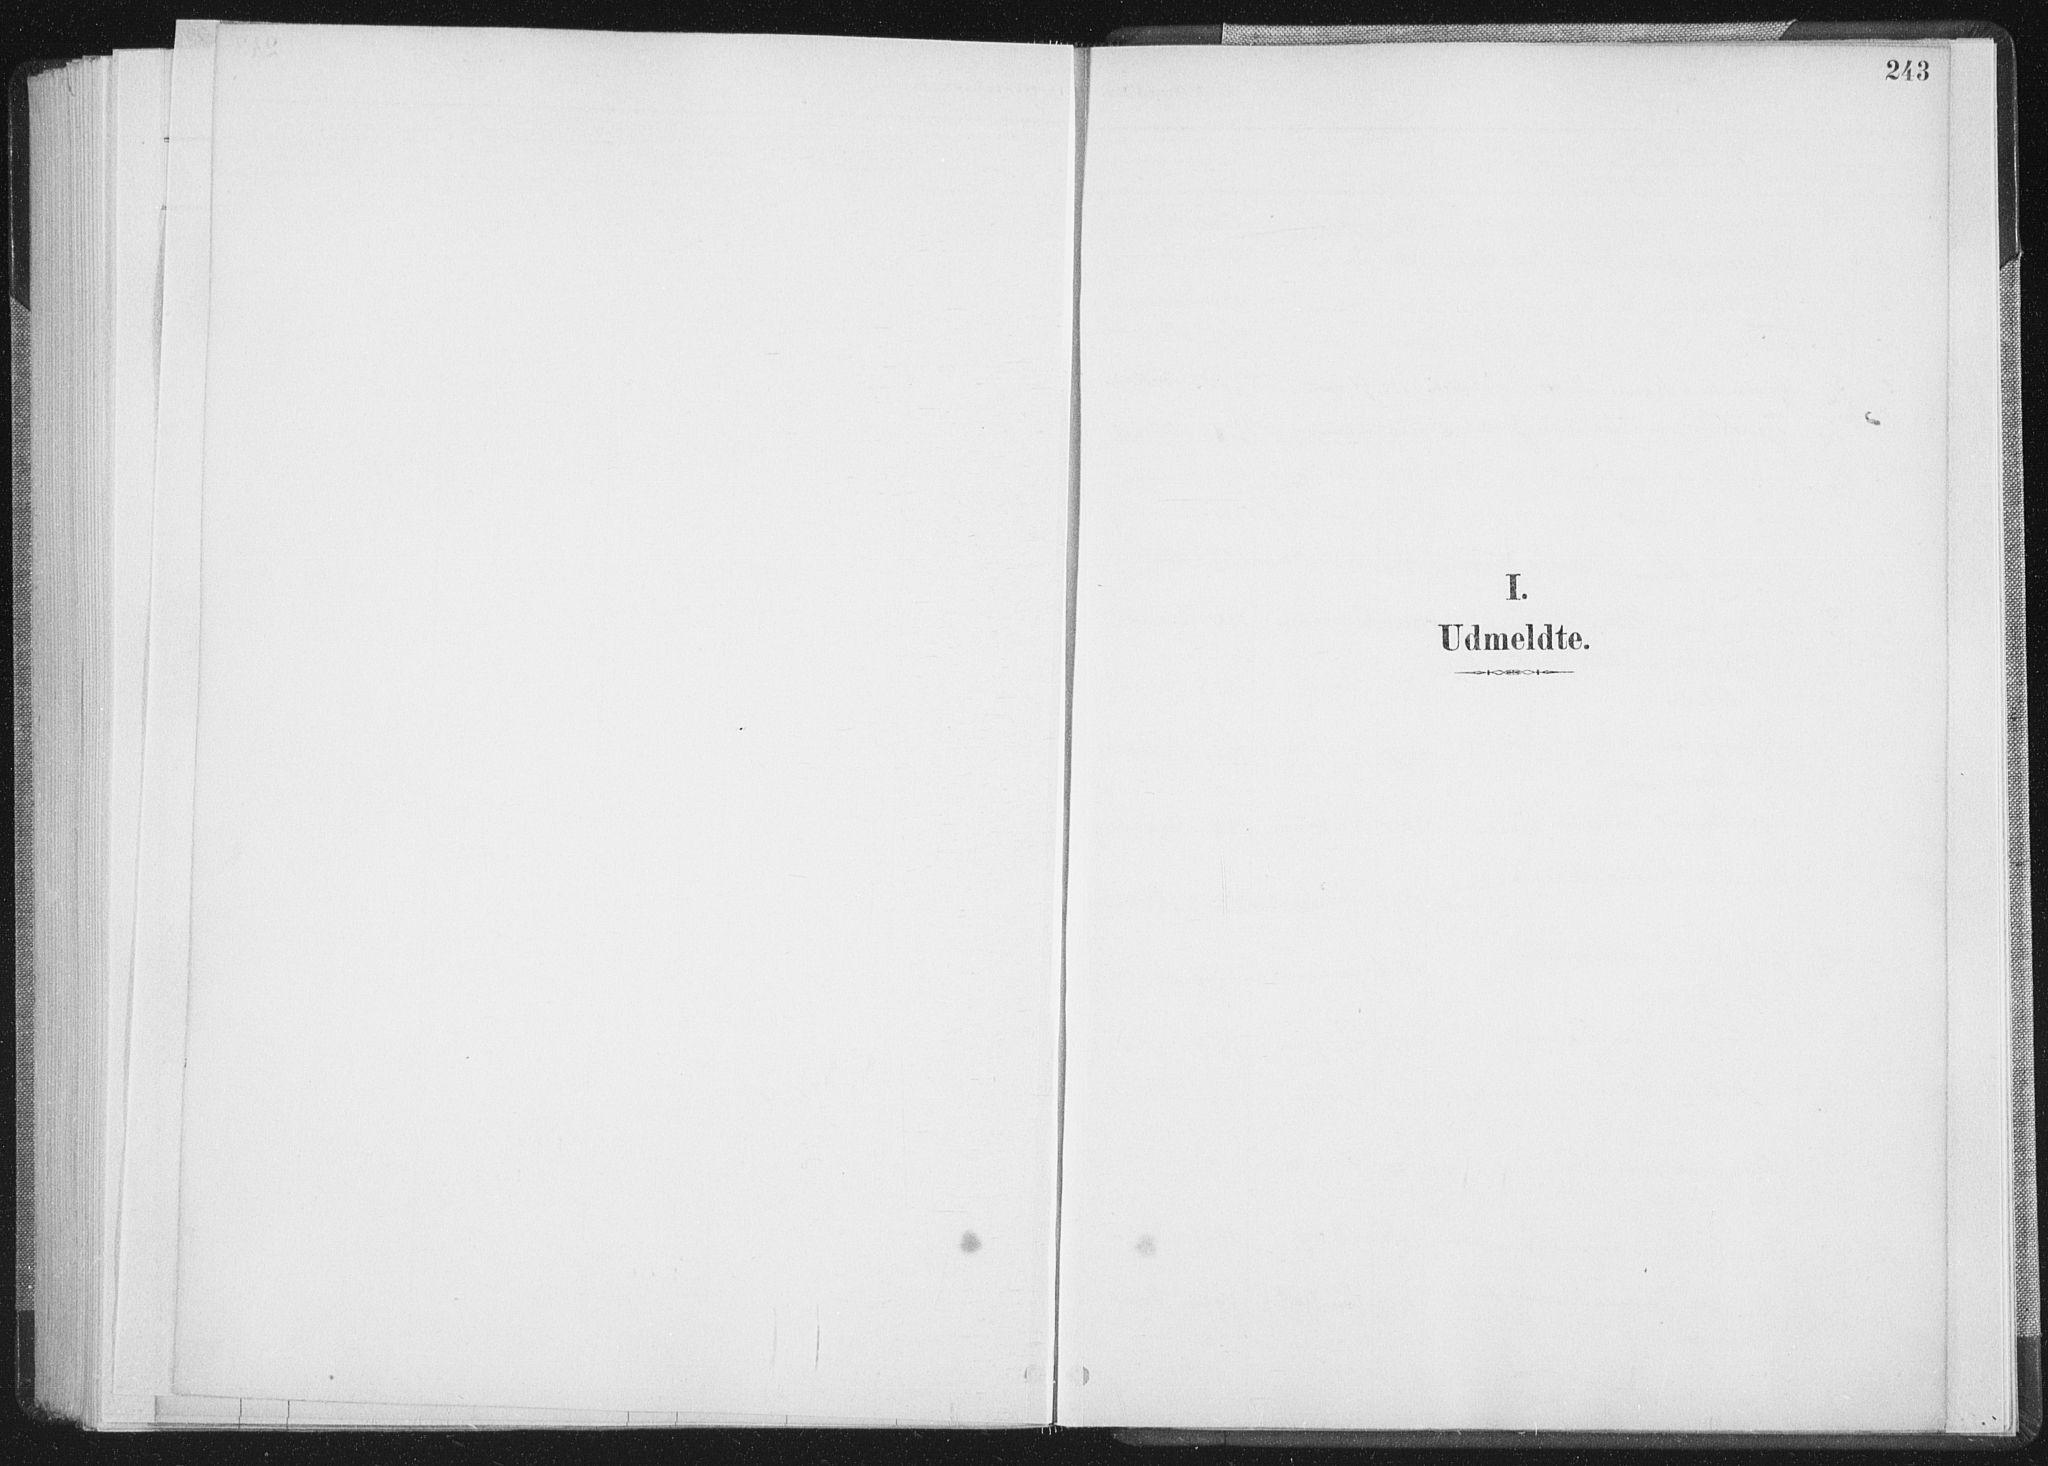 SAT, Ministerialprotokoller, klokkerbøker og fødselsregistre - Nordland, 898/L1422: Parish register (official) no. 898A02, 1887-1908, p. 243